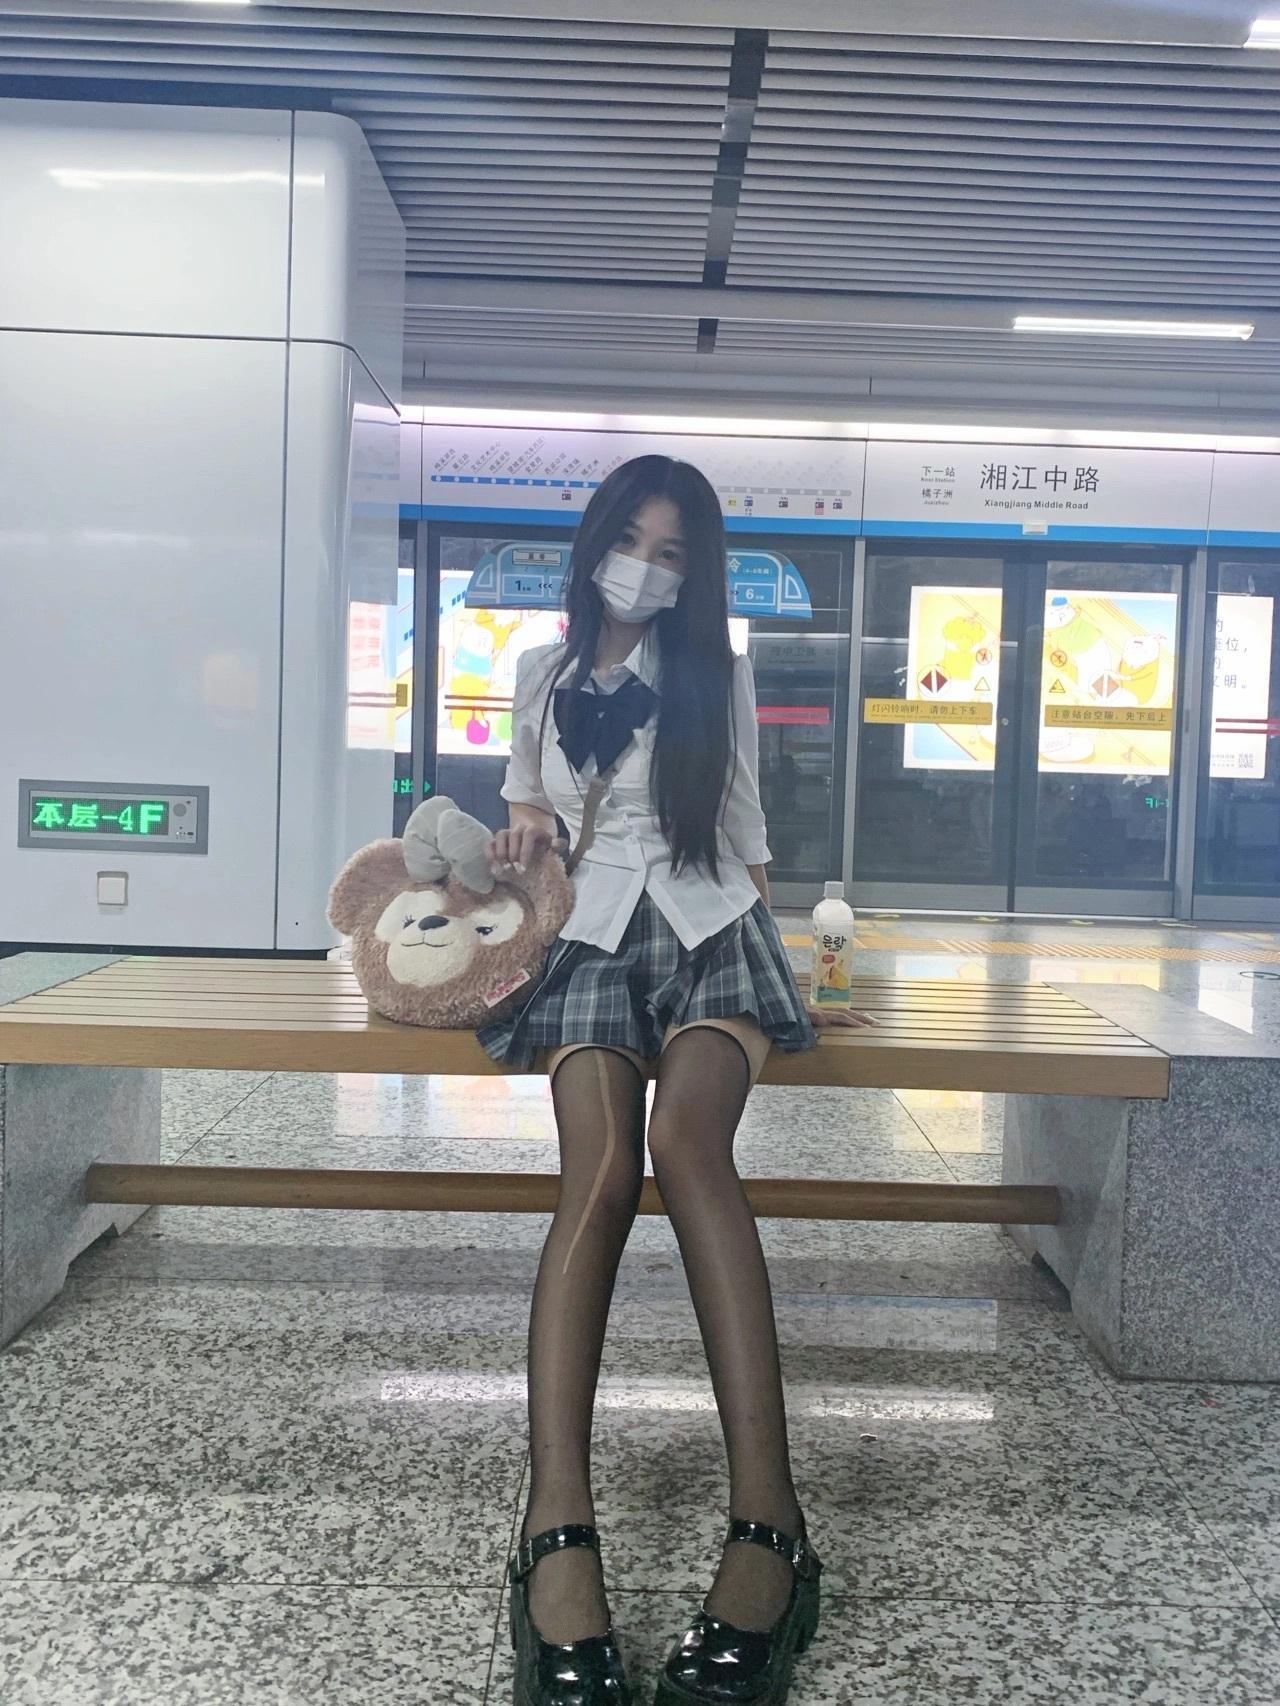 JK小姐姐图片:地铁上不知道被谁抓了一下就破了 妹子图